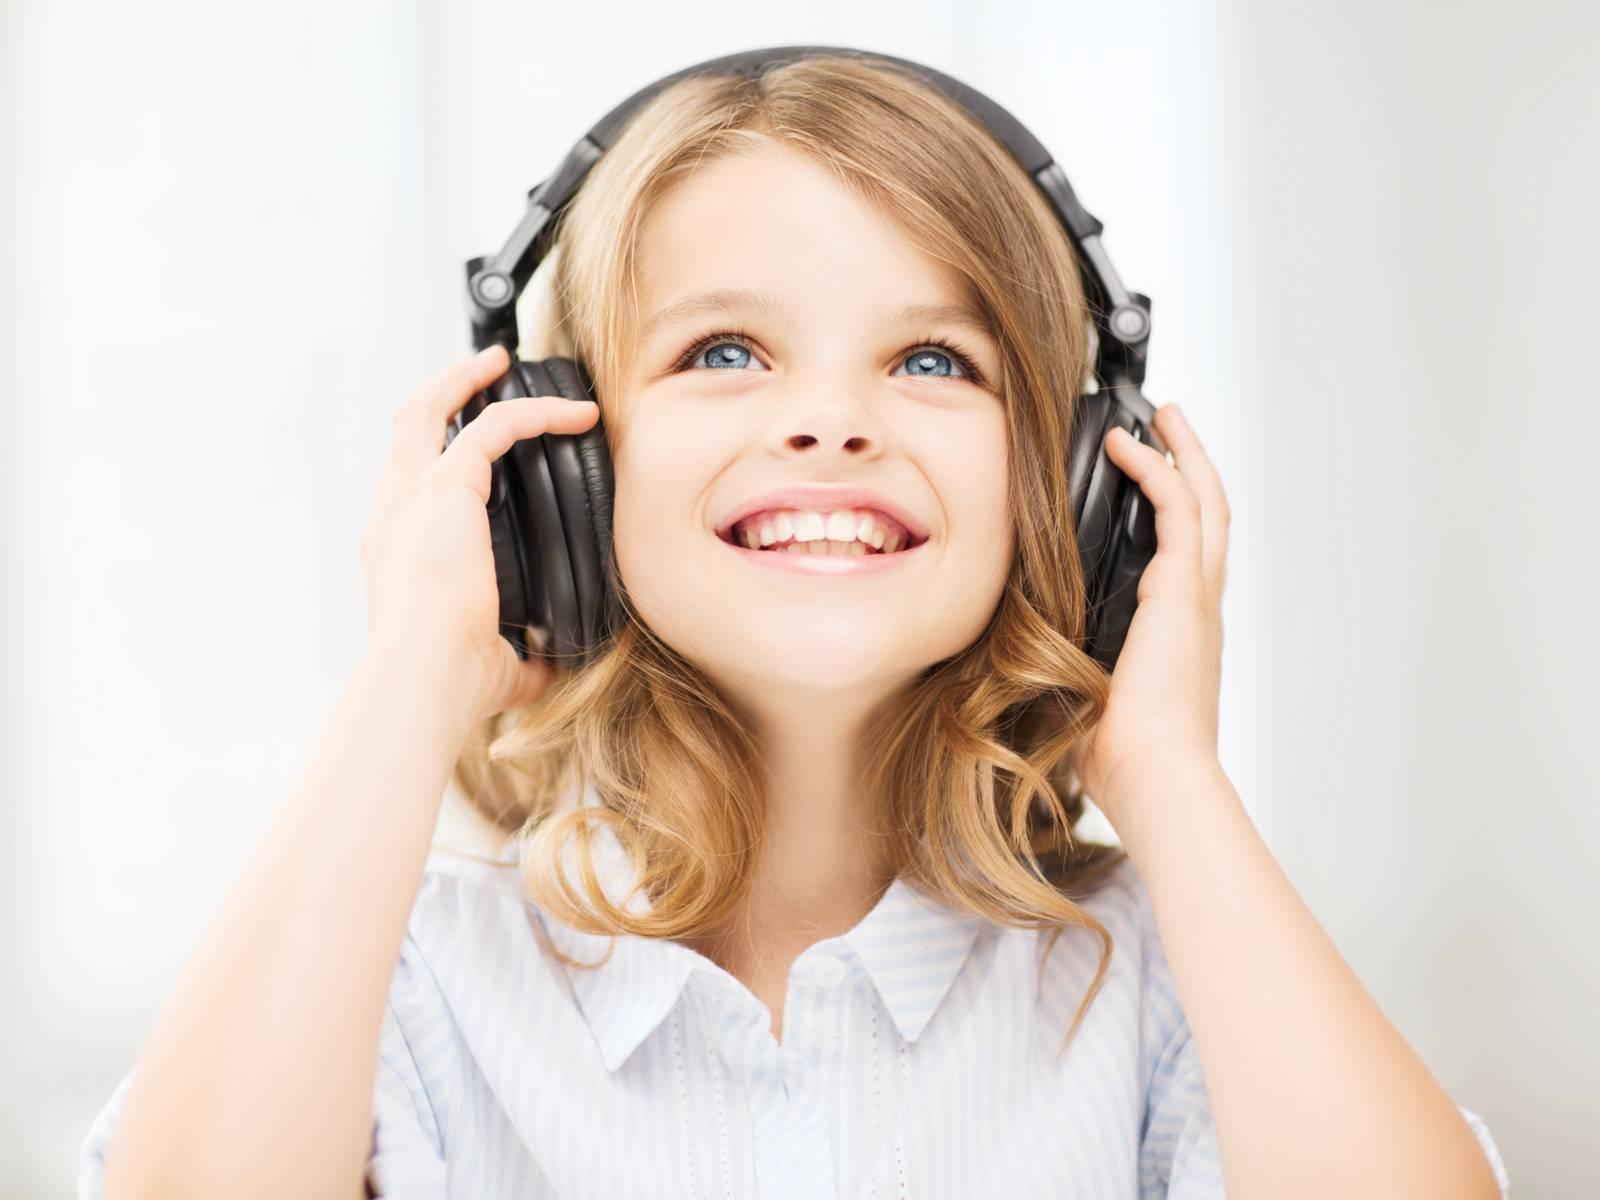 Der Wunsch der Initiatoren ist es, Eltern und vielen anderen Interessierten Hilfen für die musikalische Entfaltung ihrer Kinder an die Hand zu geben und sie anzuregen, sich wieder selbst der Musik zuzuwenden.